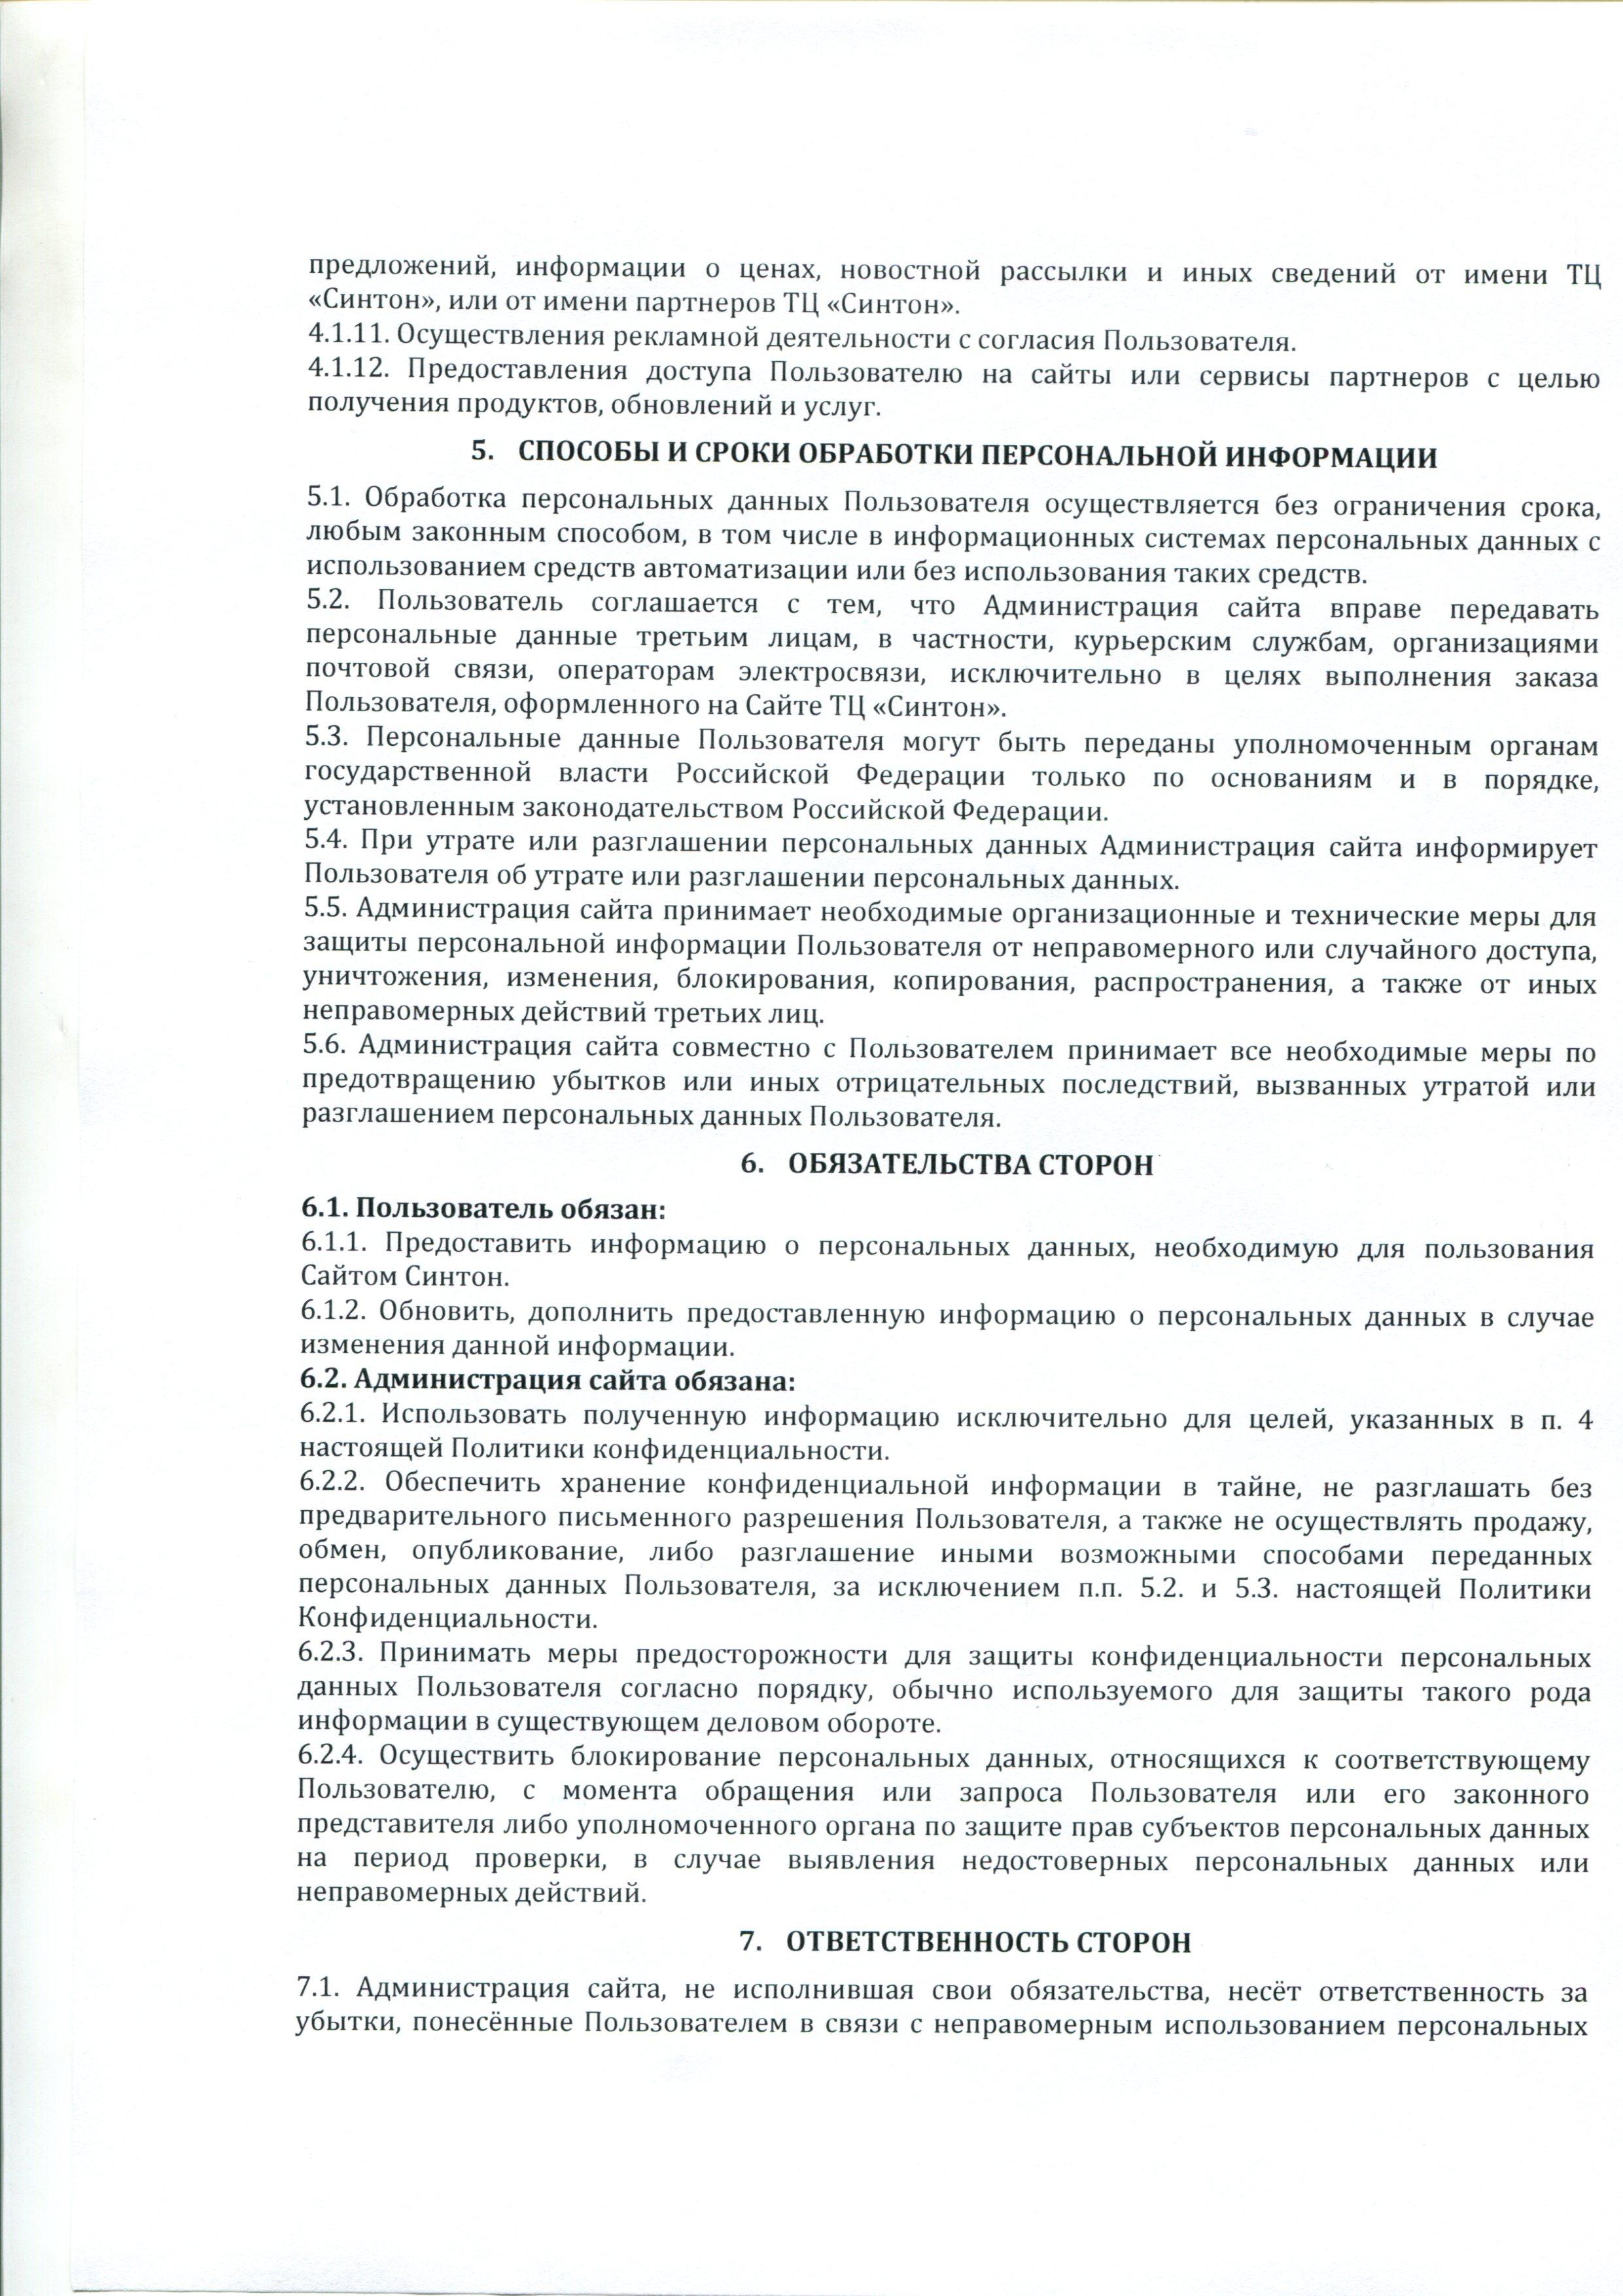 Конфиденциальность НИК (3)